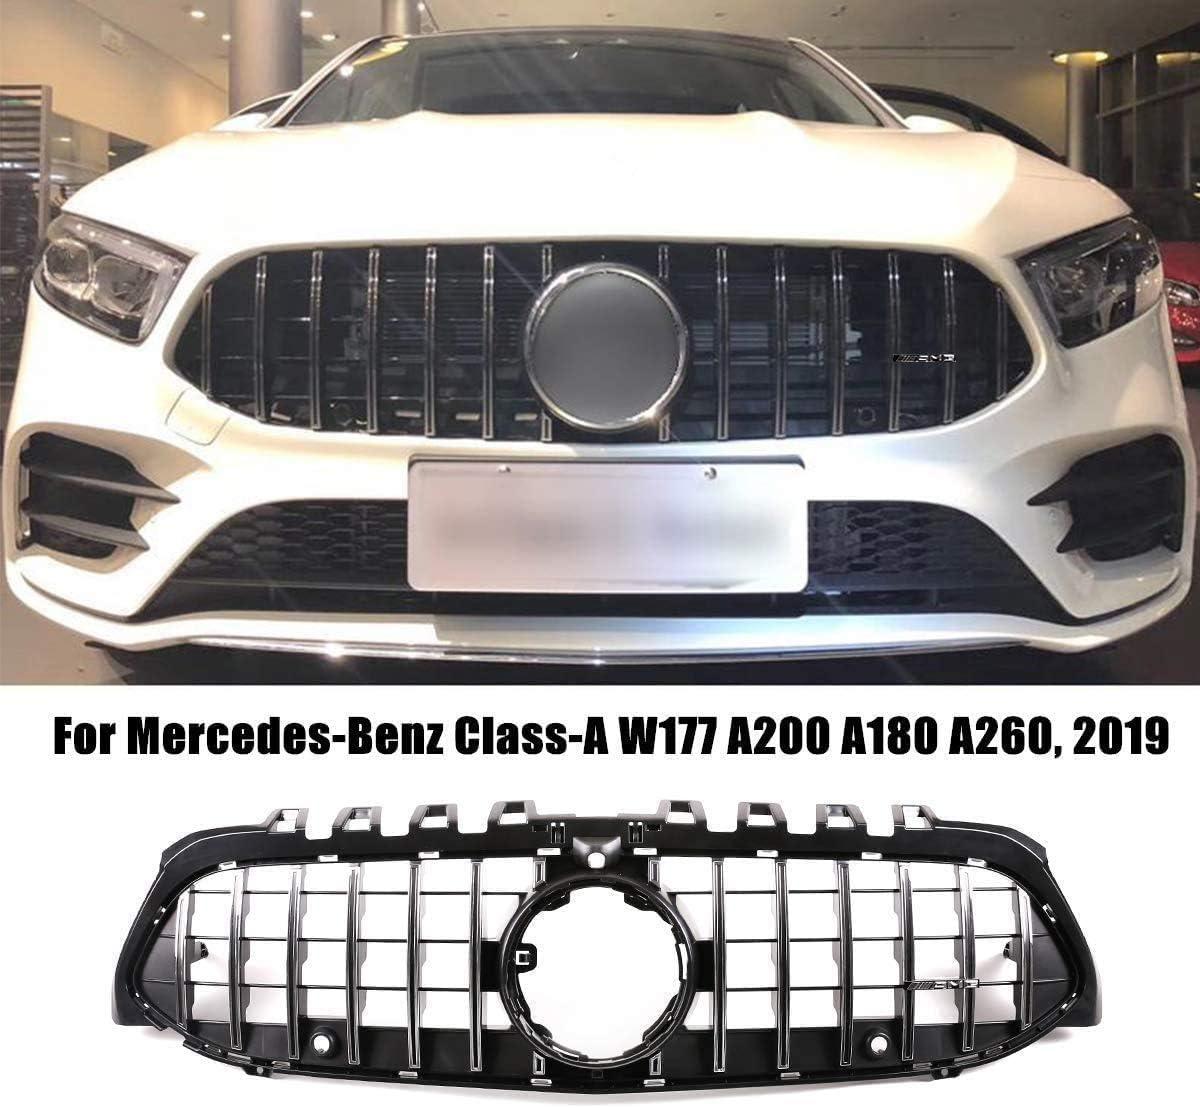 Noir-Argent Accessoires D/écoratifs De Radiateur De Voiture XXIAOHH Grille De Calandre Avant Abs Adapt/ée pour Mercedes-Benz Classe A W177 A200 A180 A260